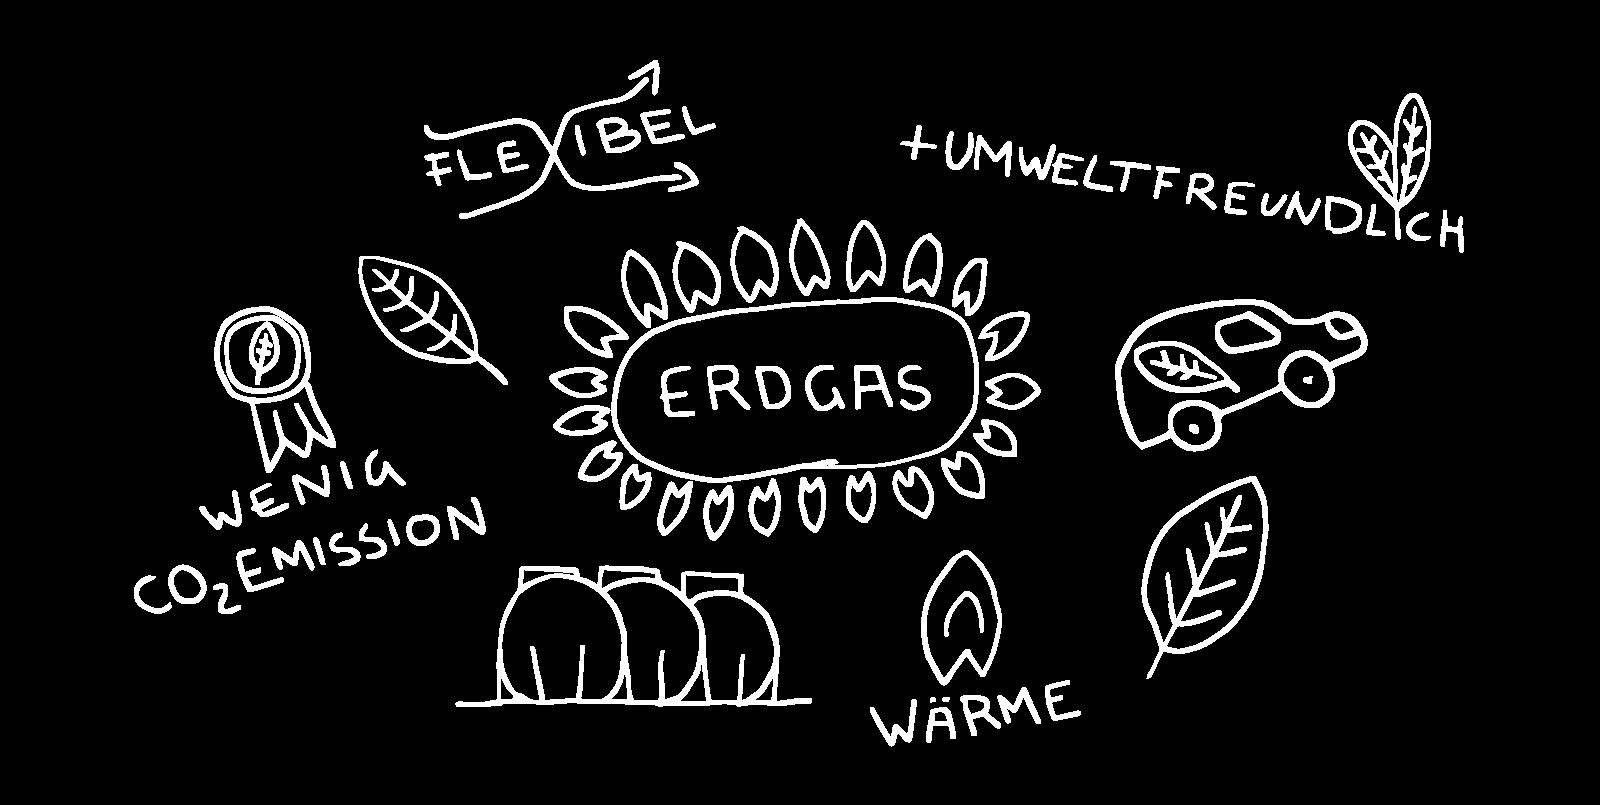 EAM Erdgas nachhaltig umweltfreundlich